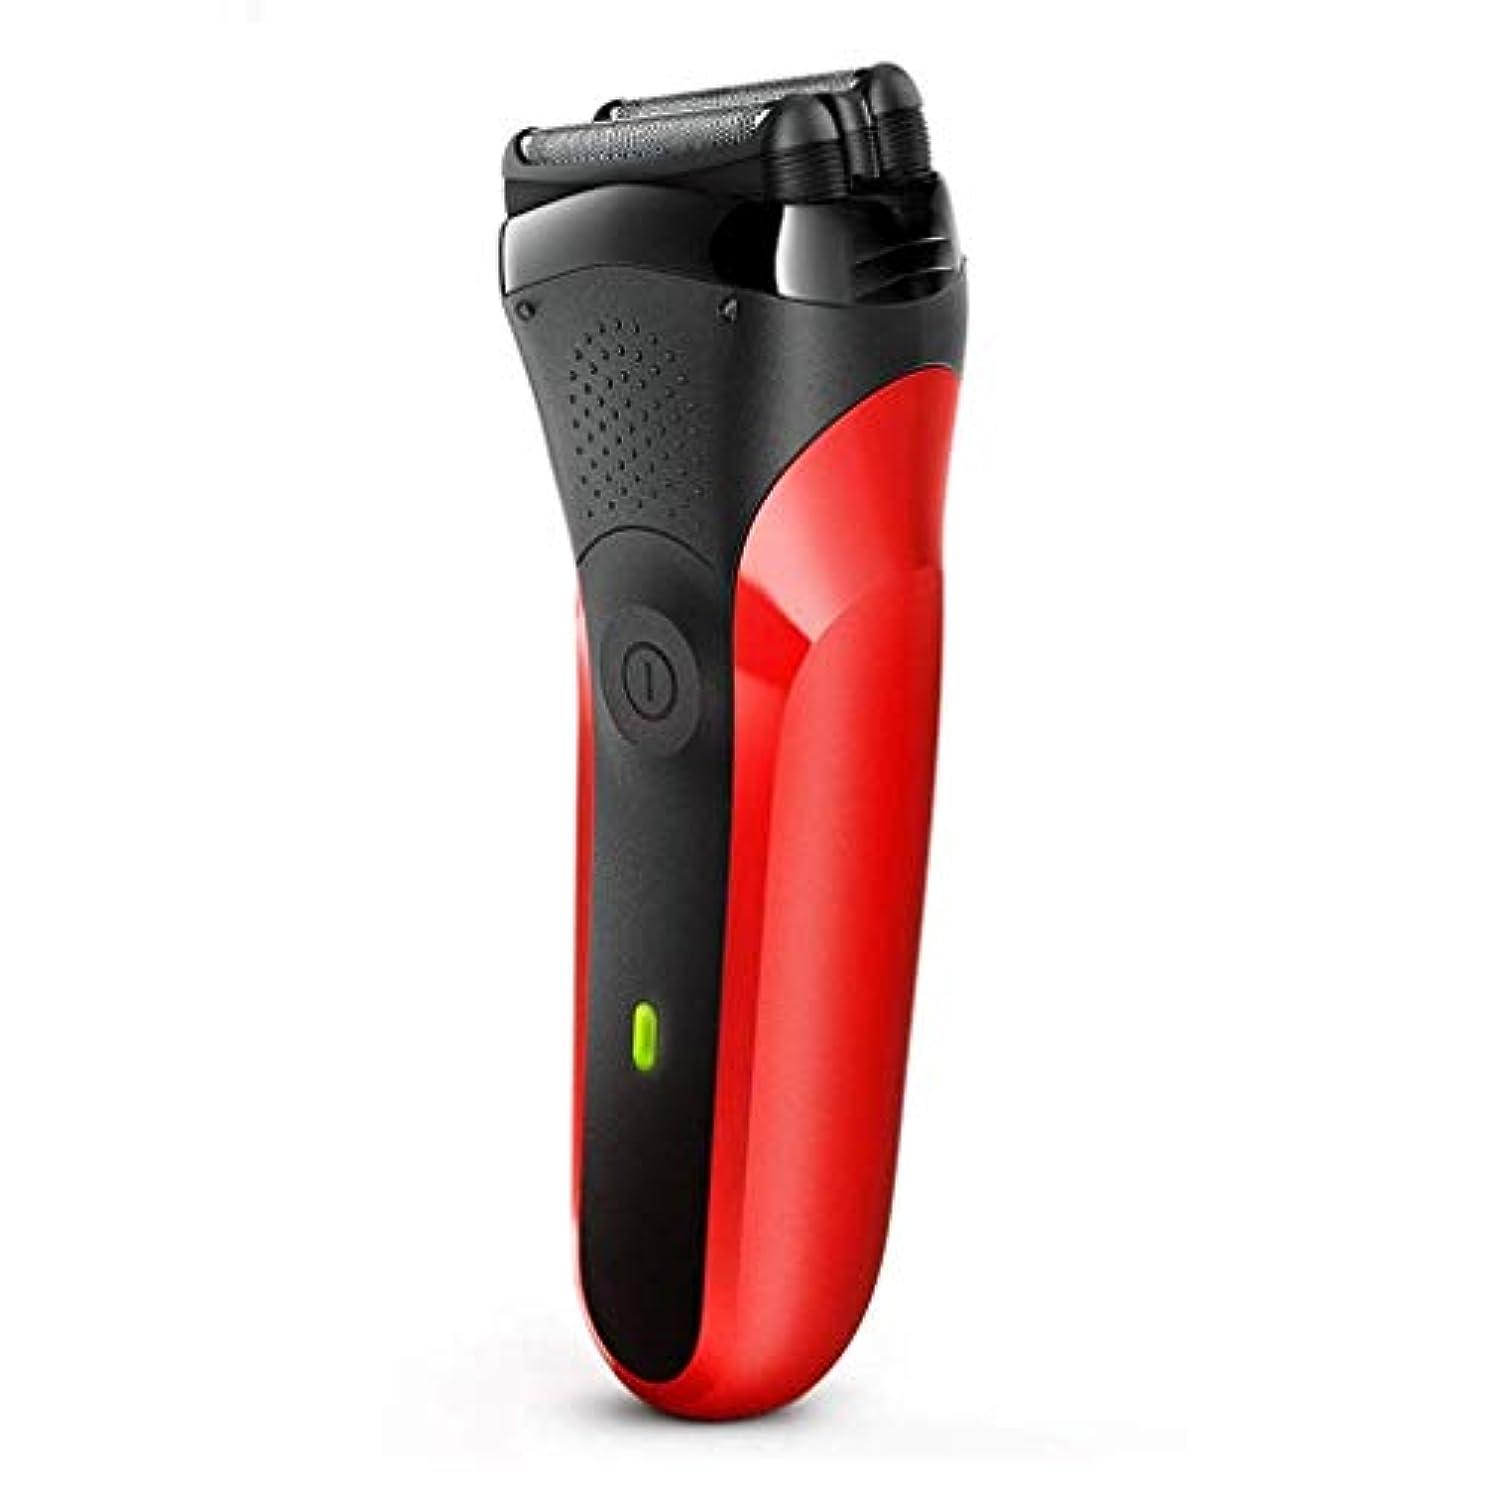 カウントアップバンドル長さBEIHUAN 男性用電気シェーバーカミソリ、ボディウォッシュを充電する充電式電気シェーバーウェットとドライメンズシェービング、シェーバースマート